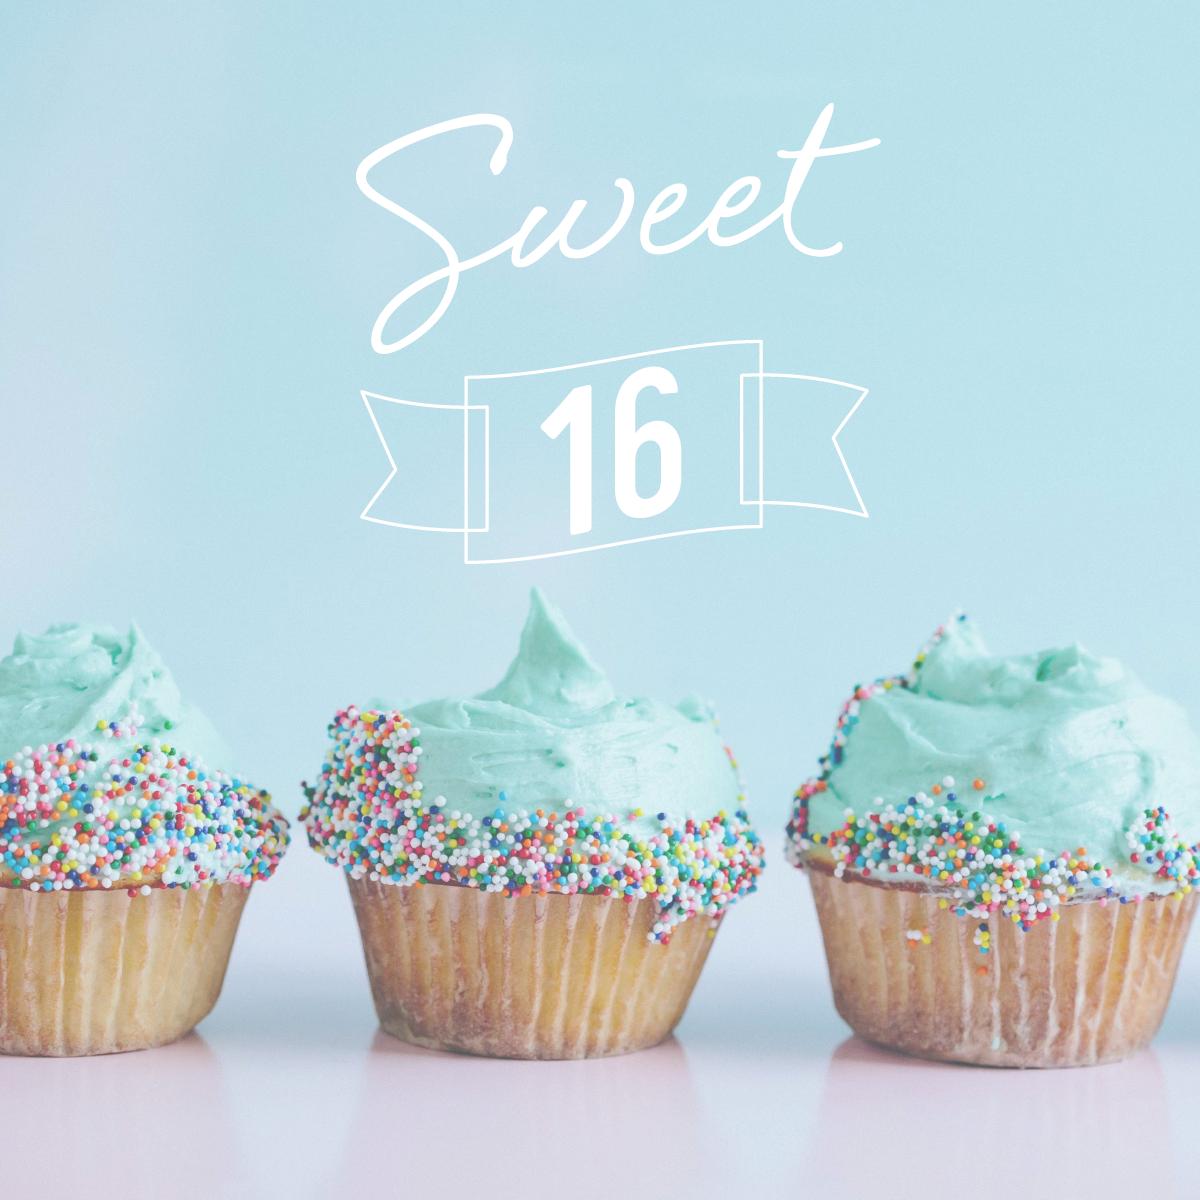 1sweet16_cake_cake.png